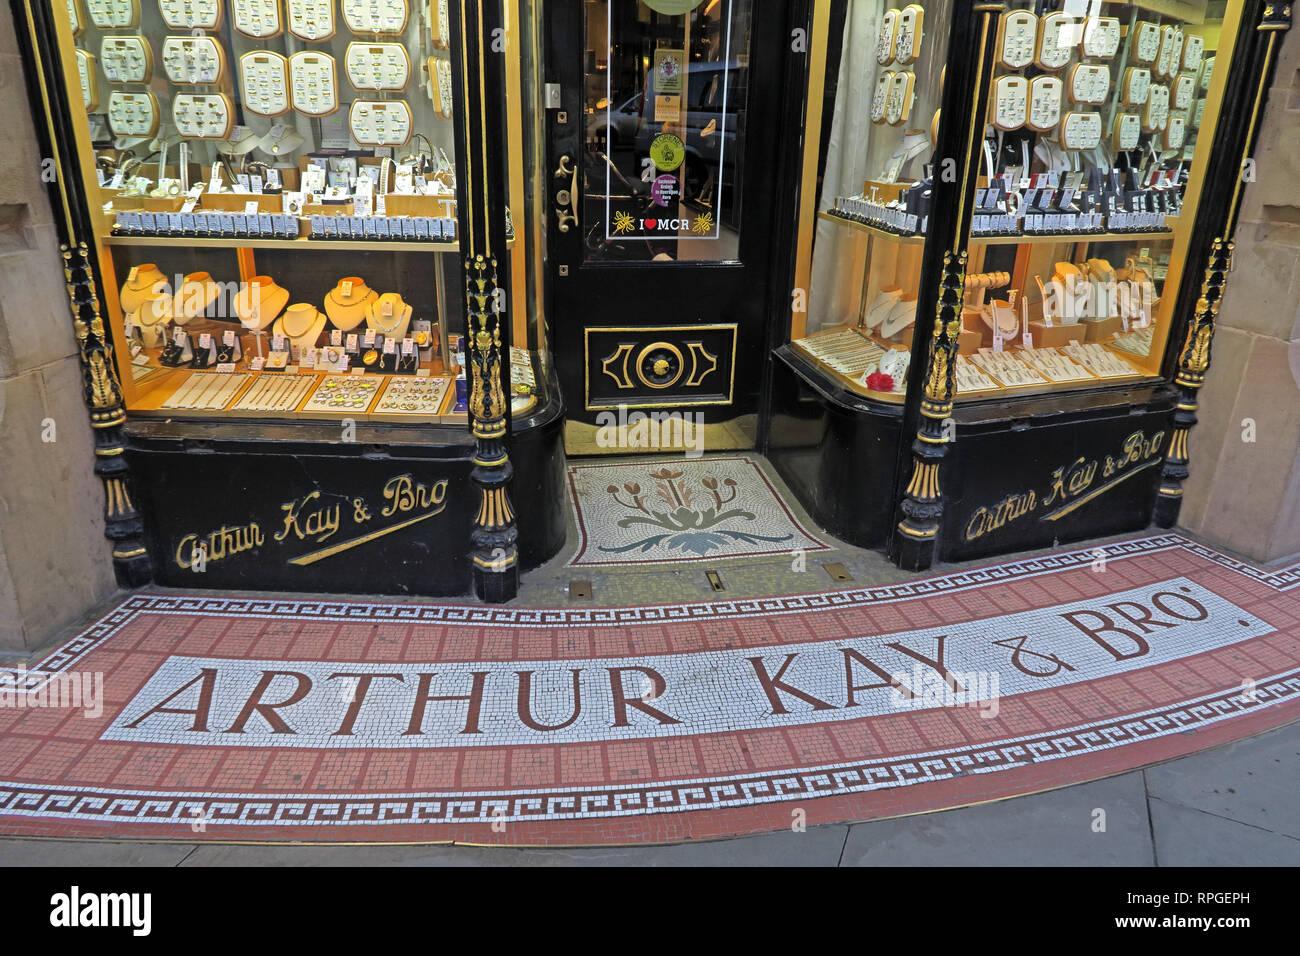 Laden Sie dieses Alamy Stockfoto Arthur Kay & Bros, Juweliere Shop, 2 New Market, Manchester, North West England, UK, M 1 1 PT - RPGEPH